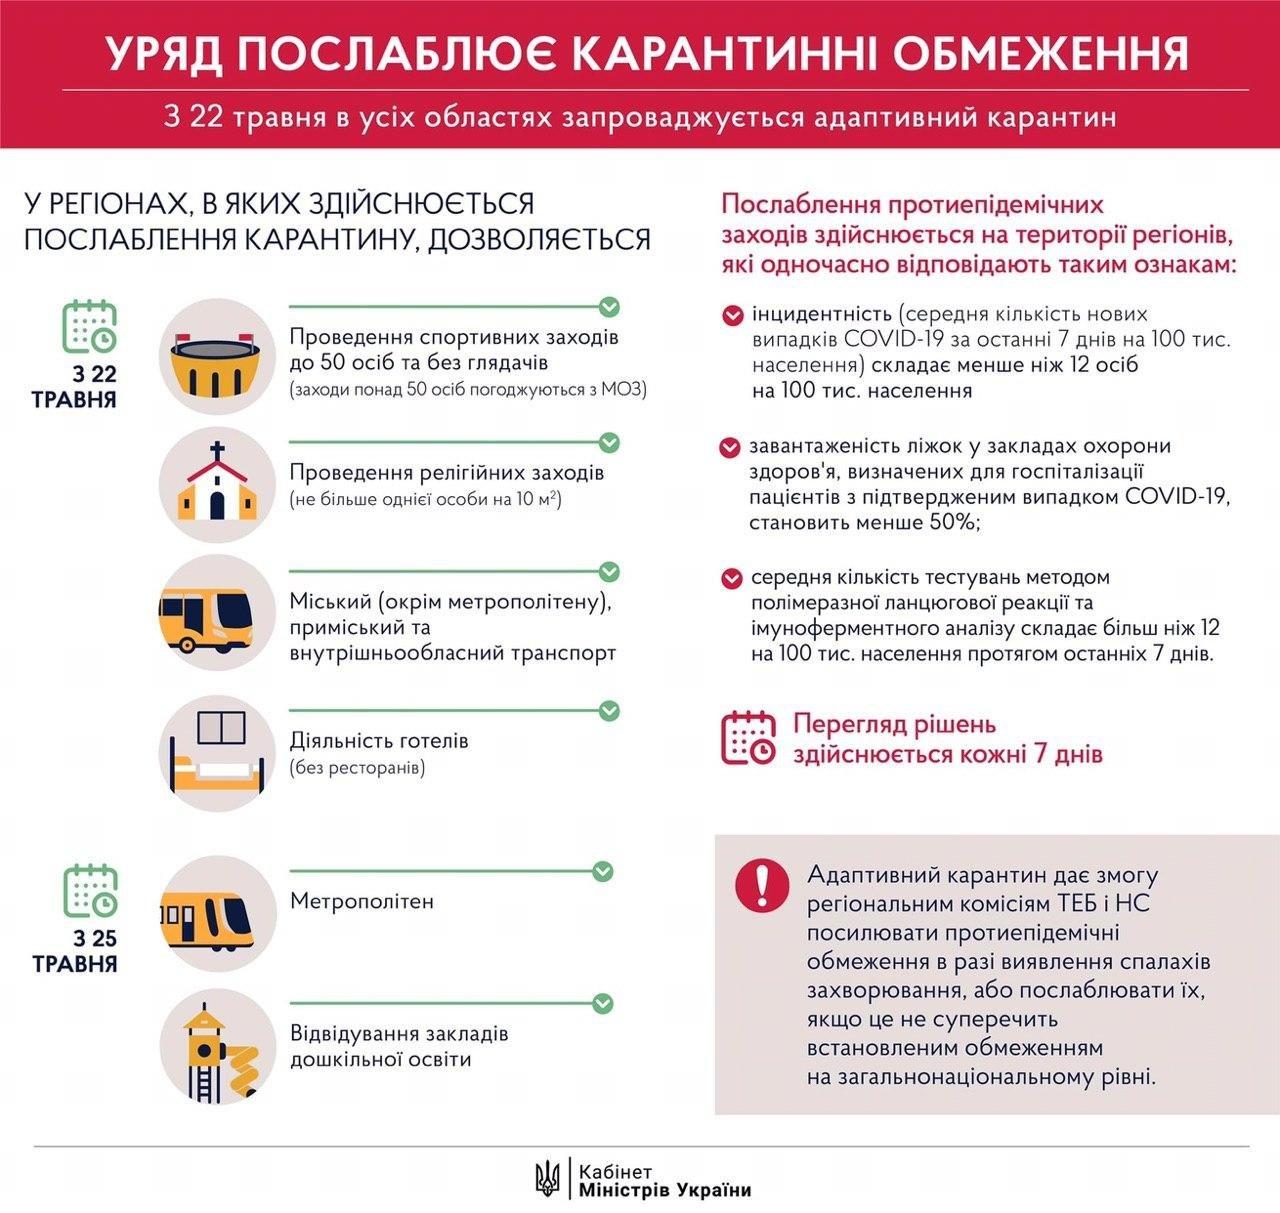 З 22 травня в Україні діятиме адаптивний карантин: які установи запрацюють, фото-1